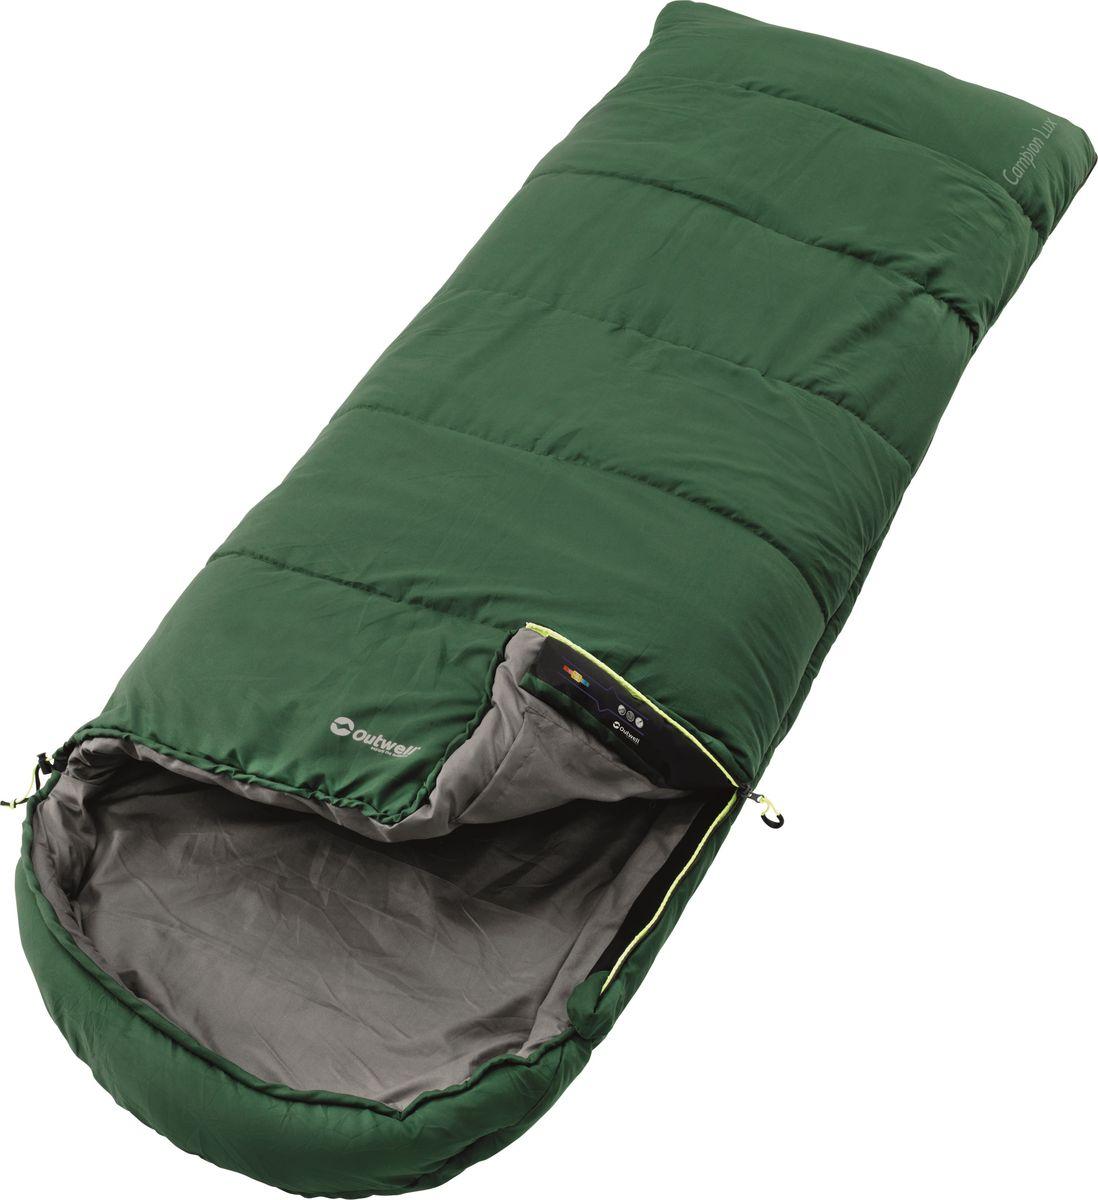 Спальный мешок Outwell Campion Lux Green, левосторонняя молния, цвет: зеленый230185Спальные мешки Outwell Campion Lux Green выполнены из трикотажного полиэстера. В спальнике в качестве наполнителя используется двойной слой Isofill. Снабженный всеми функциями, спальный мешок надежно прослужит вам не один год.Особенности:Комфортный капюшон.Защита молнии для тепла на полную длину.Внутренний карман для небольших вещей.Угловые петли крепления вкладыша.Компрессионный мешок.Защита от заедания молнии.